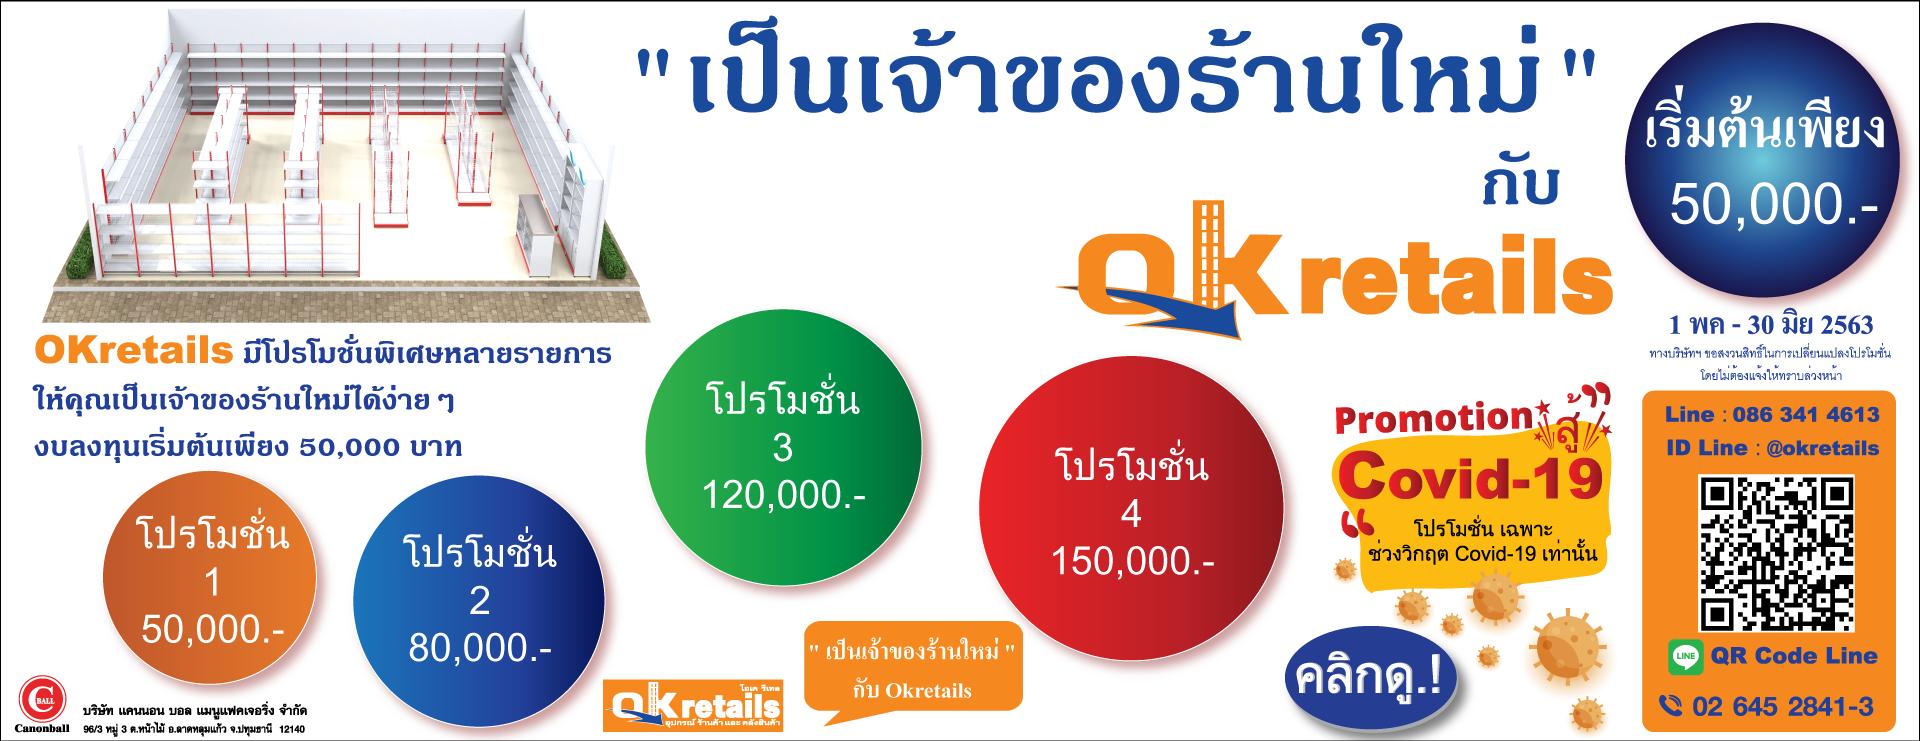 click to okretails.com/promotion.html